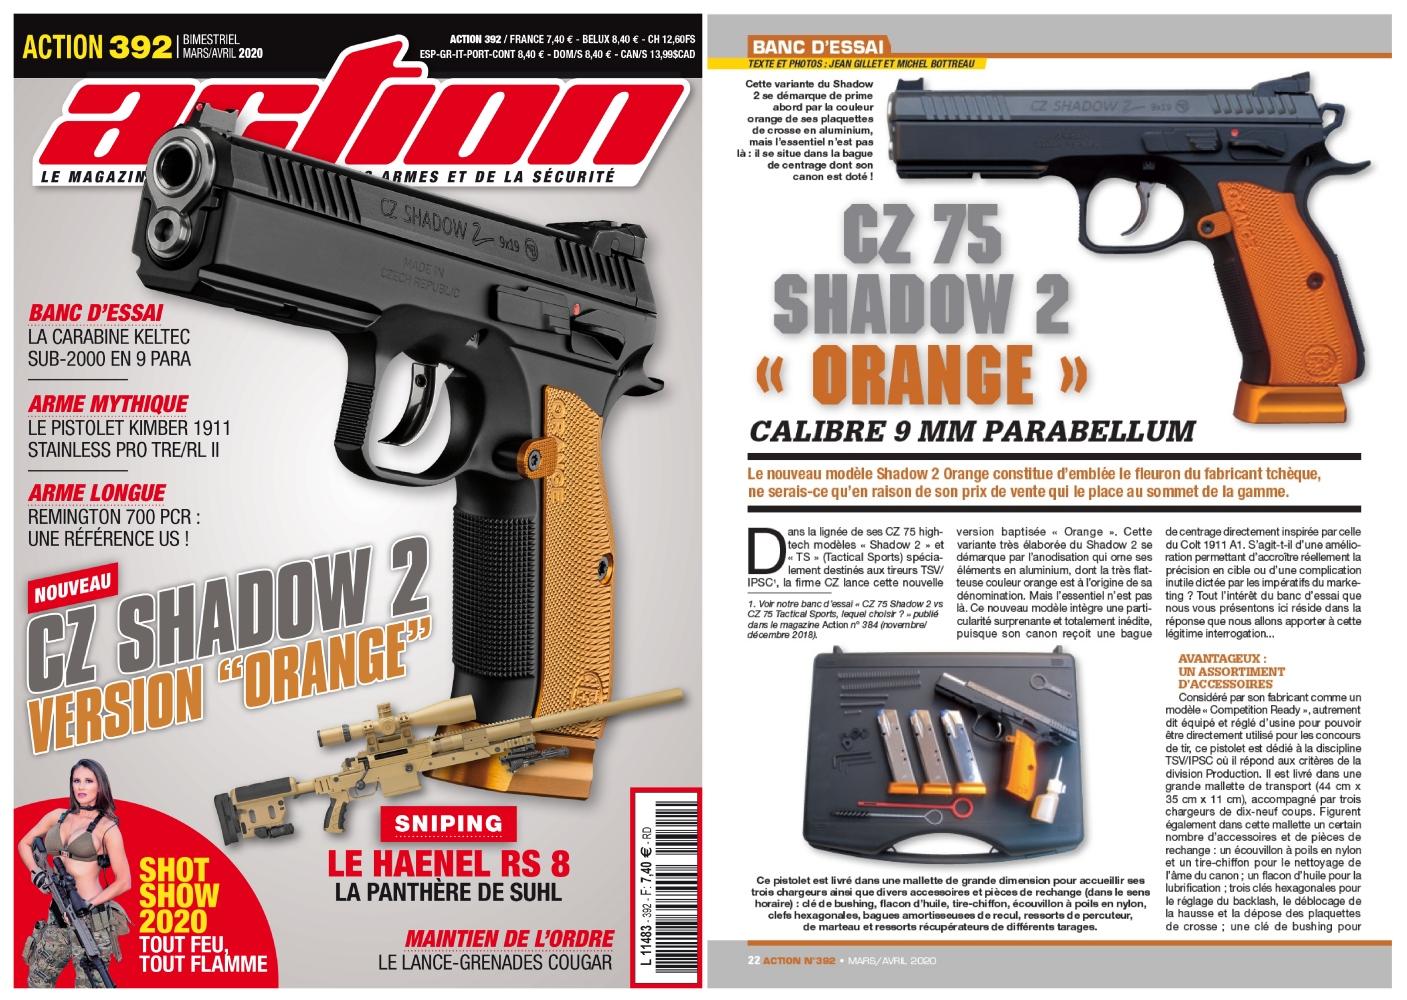 Le banc d'essai du pistolet CZ 75 Shadow 2 Orange a été publié sur 6 pages dans le magazine Action n°392 (mars-avril 2020).